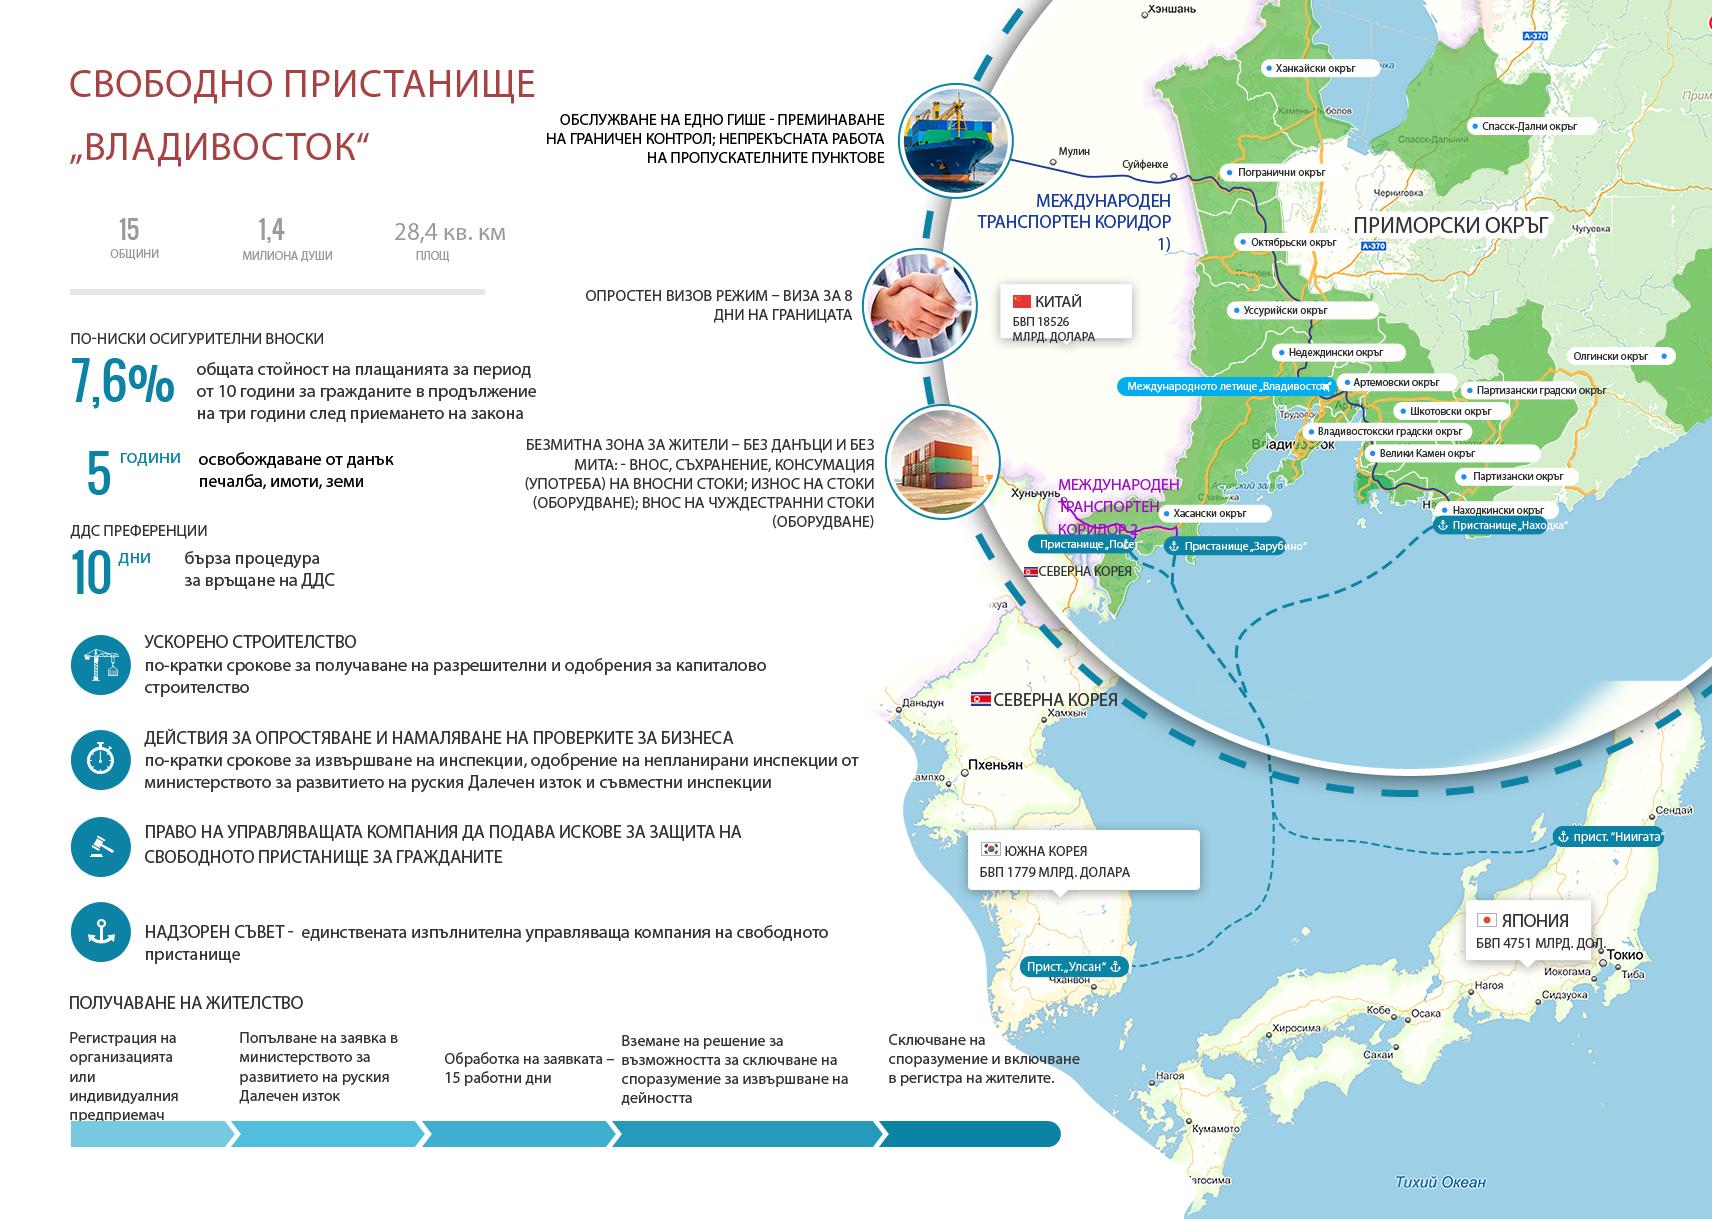 """Руският президент Владимир Путин подписа закон за създаването на Свободното присатнище """"Владивосток"""" на 13 юли 2015 година. Законът ще влезе в сила 90 дни след датата на подписването. Градът ще има статут на свободно пристанище в продължение на 70 години. Според режима при пристигането си посетителите в града ще имат право да получат виза за 8 дни. Ще има и безмитна зона, както и данъчни стимули за фирмите, работещи в зоната."""